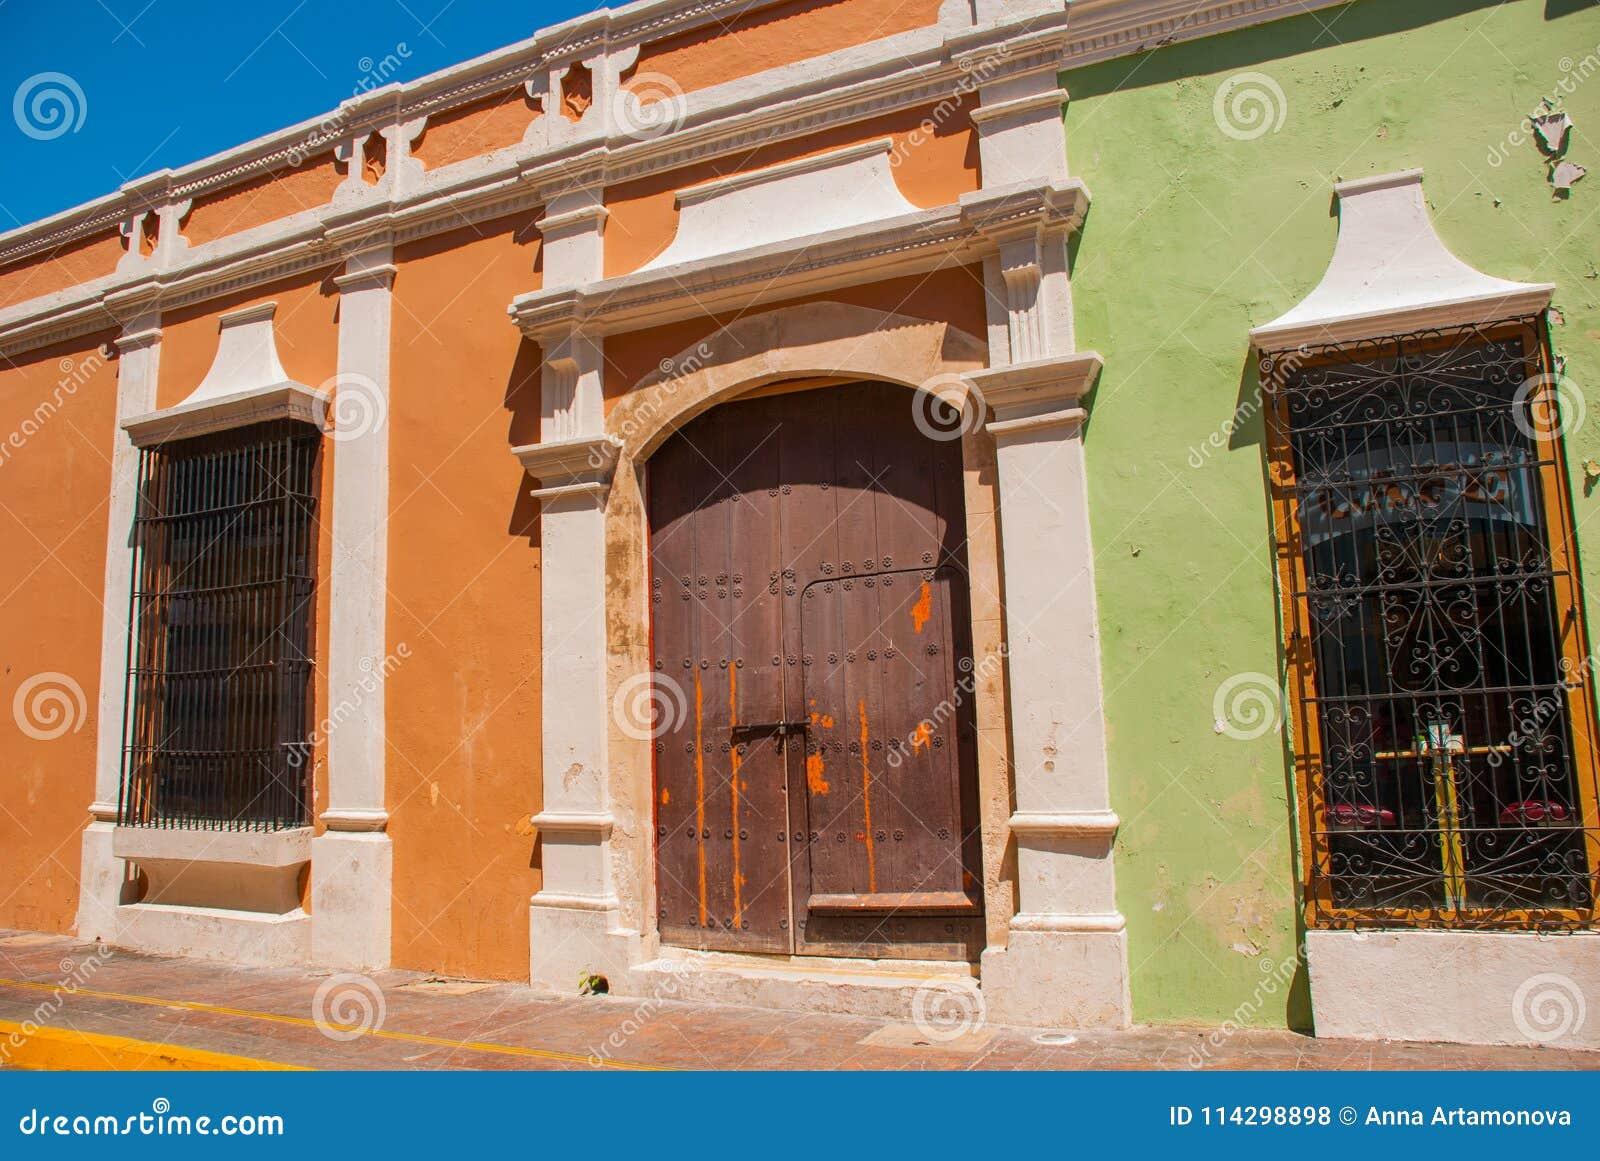 Arquitectura Colonial En San Francisco De Campeche México Calle Con